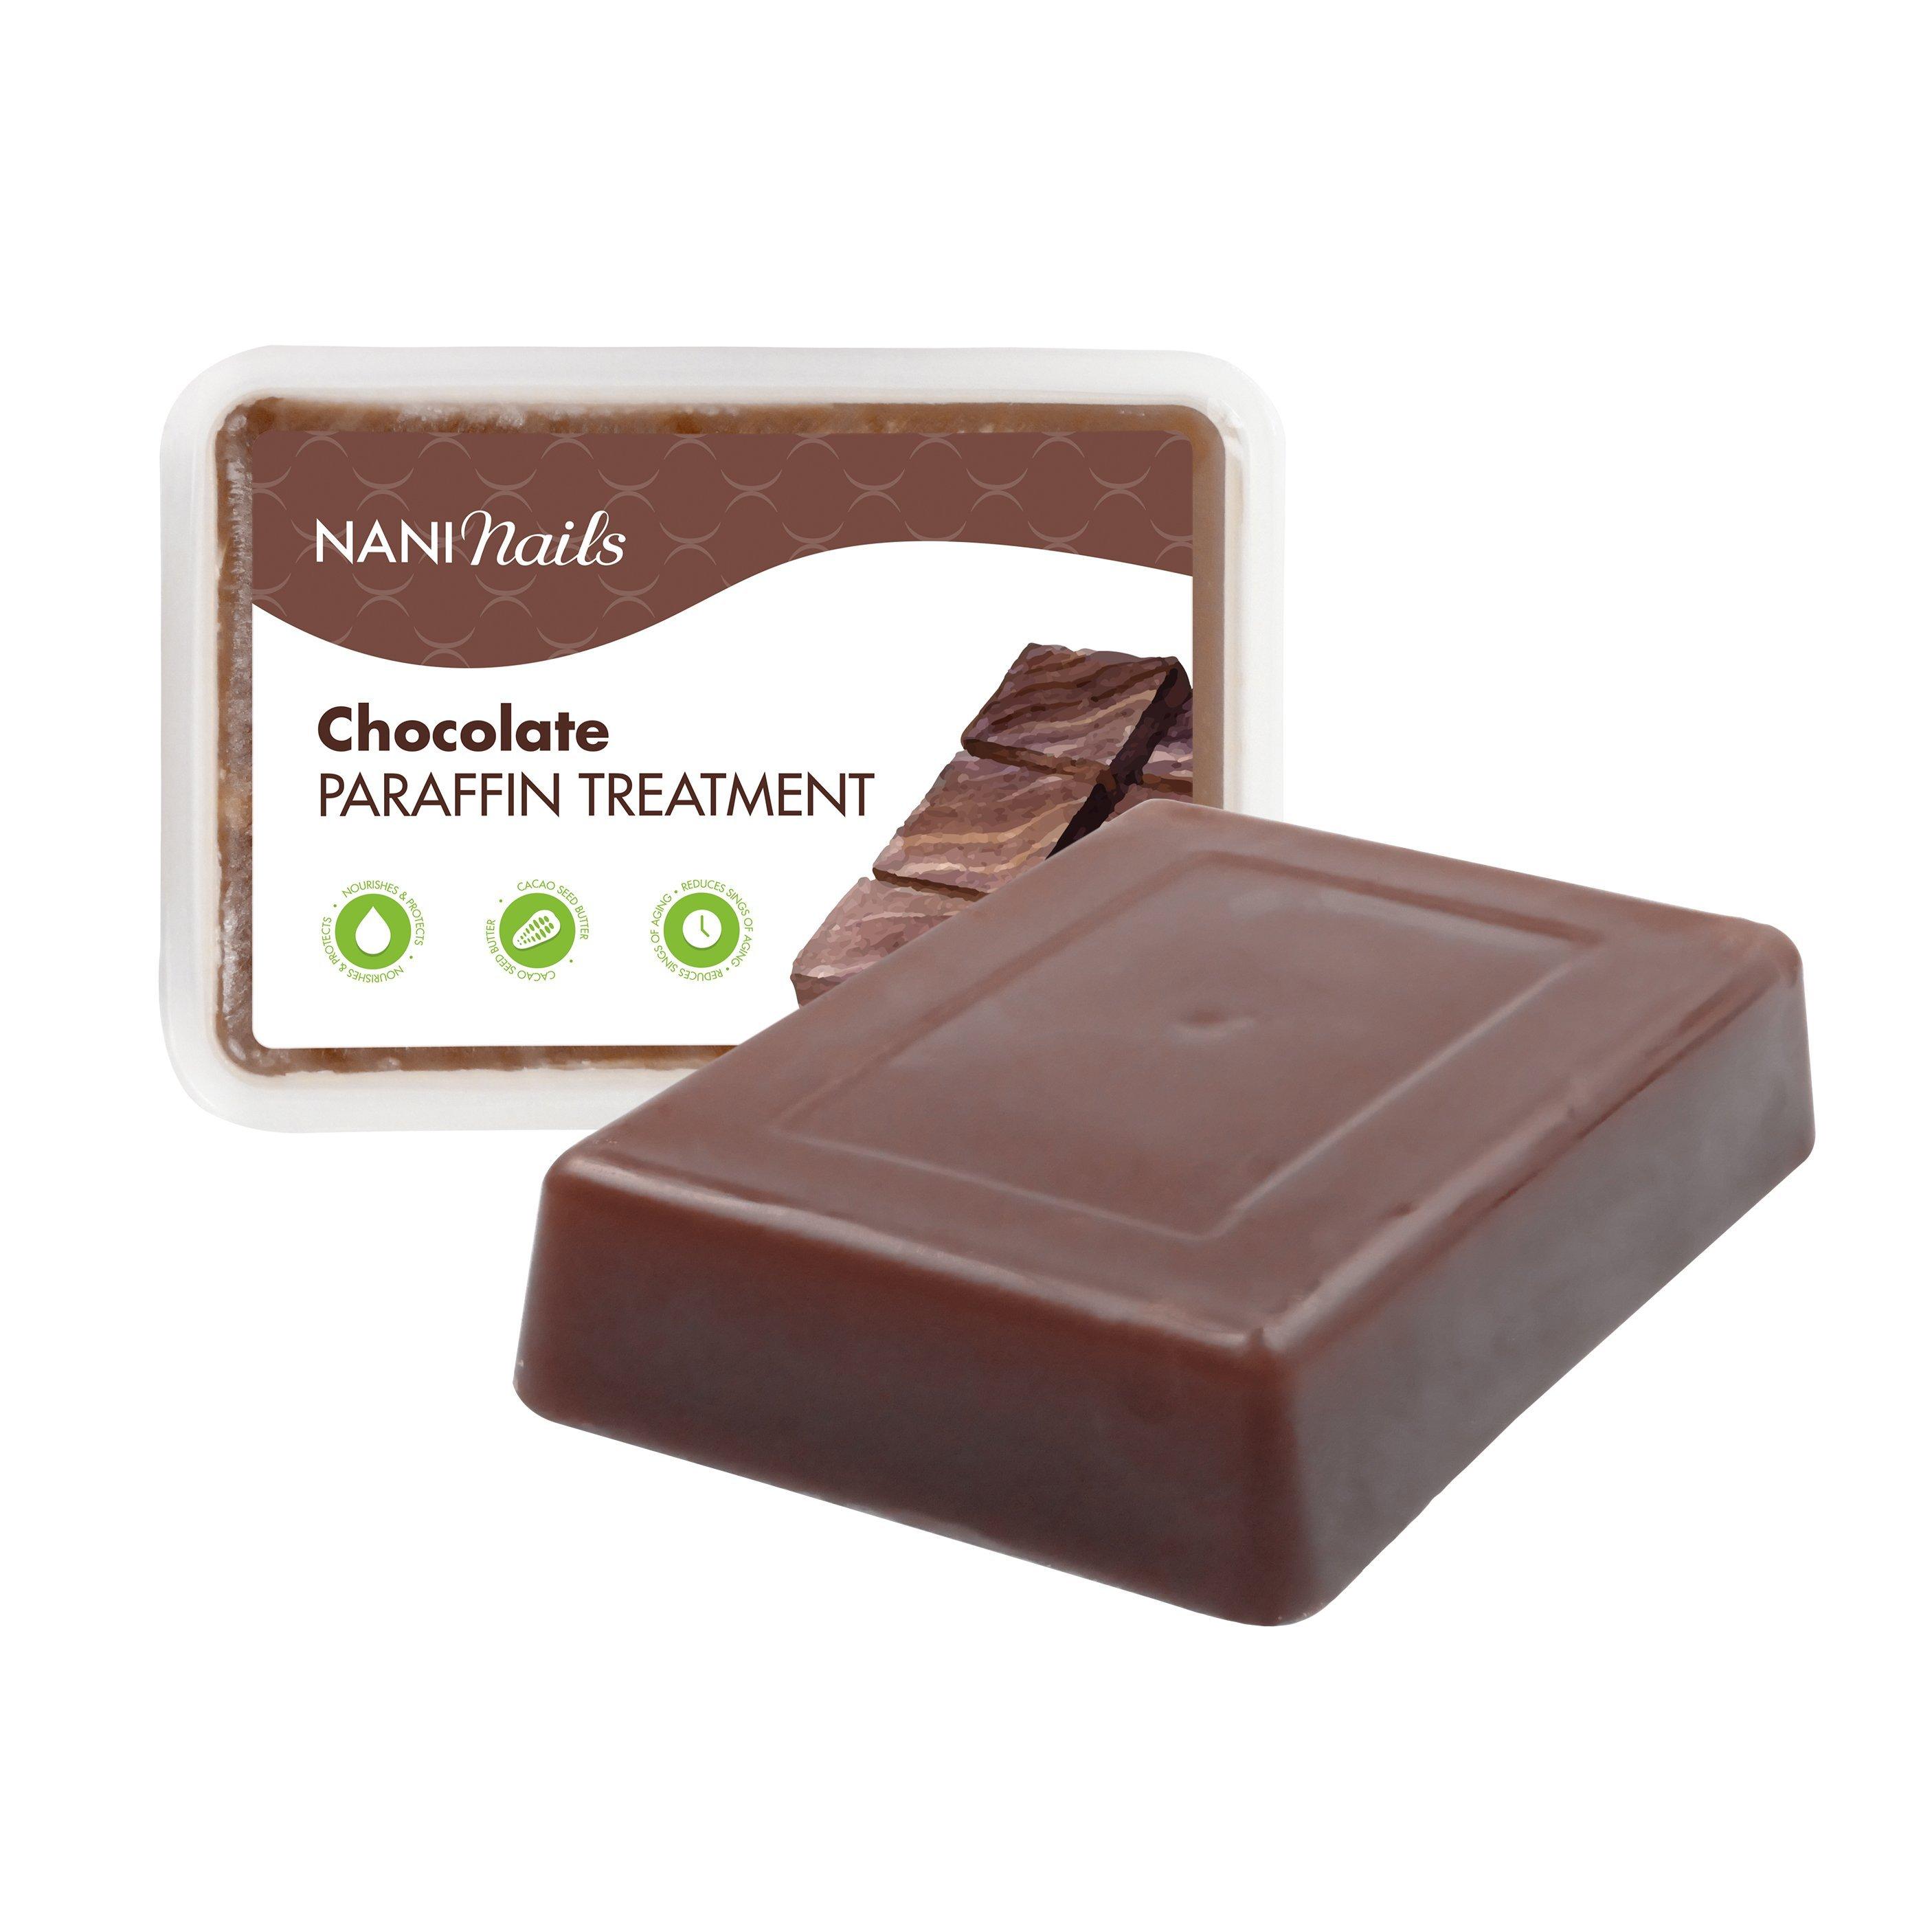 NANI kozmetický parafín 500 g - Chocolate